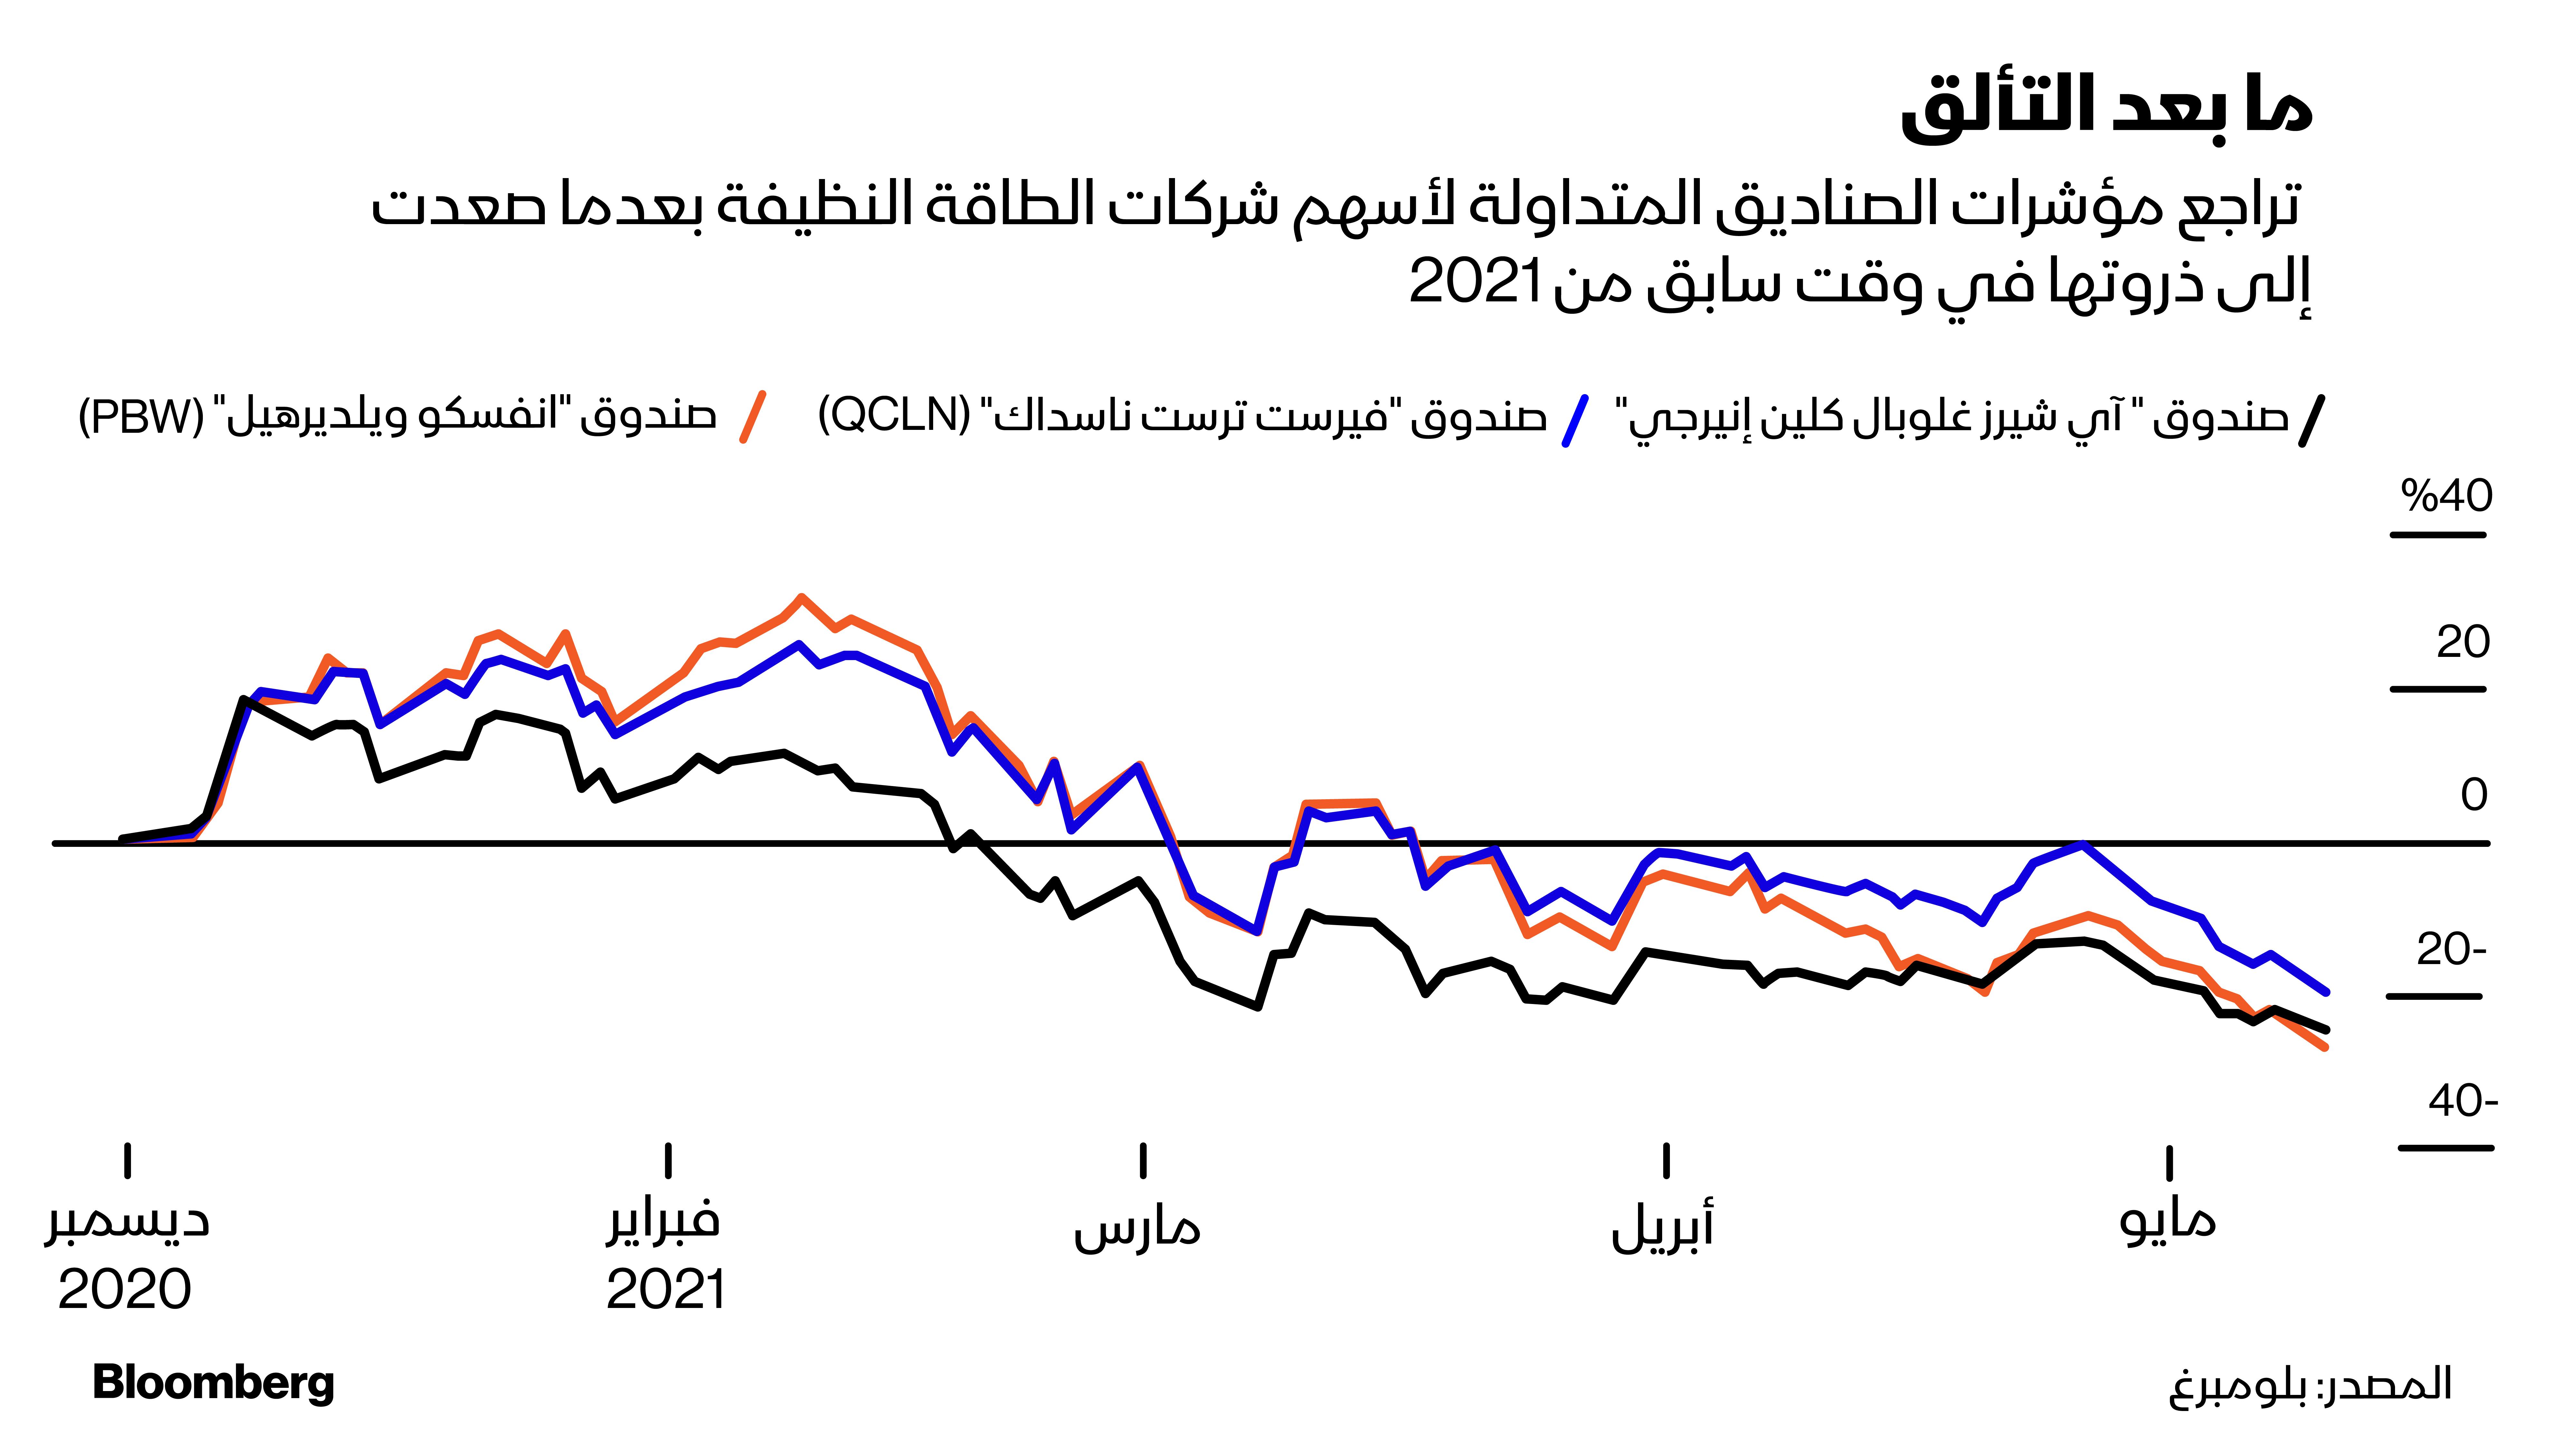 صناديق المؤشرات المتداولة لشركات الطاقة النظيفة تشهد تراجعاً بعد نمو قياسي في 2020